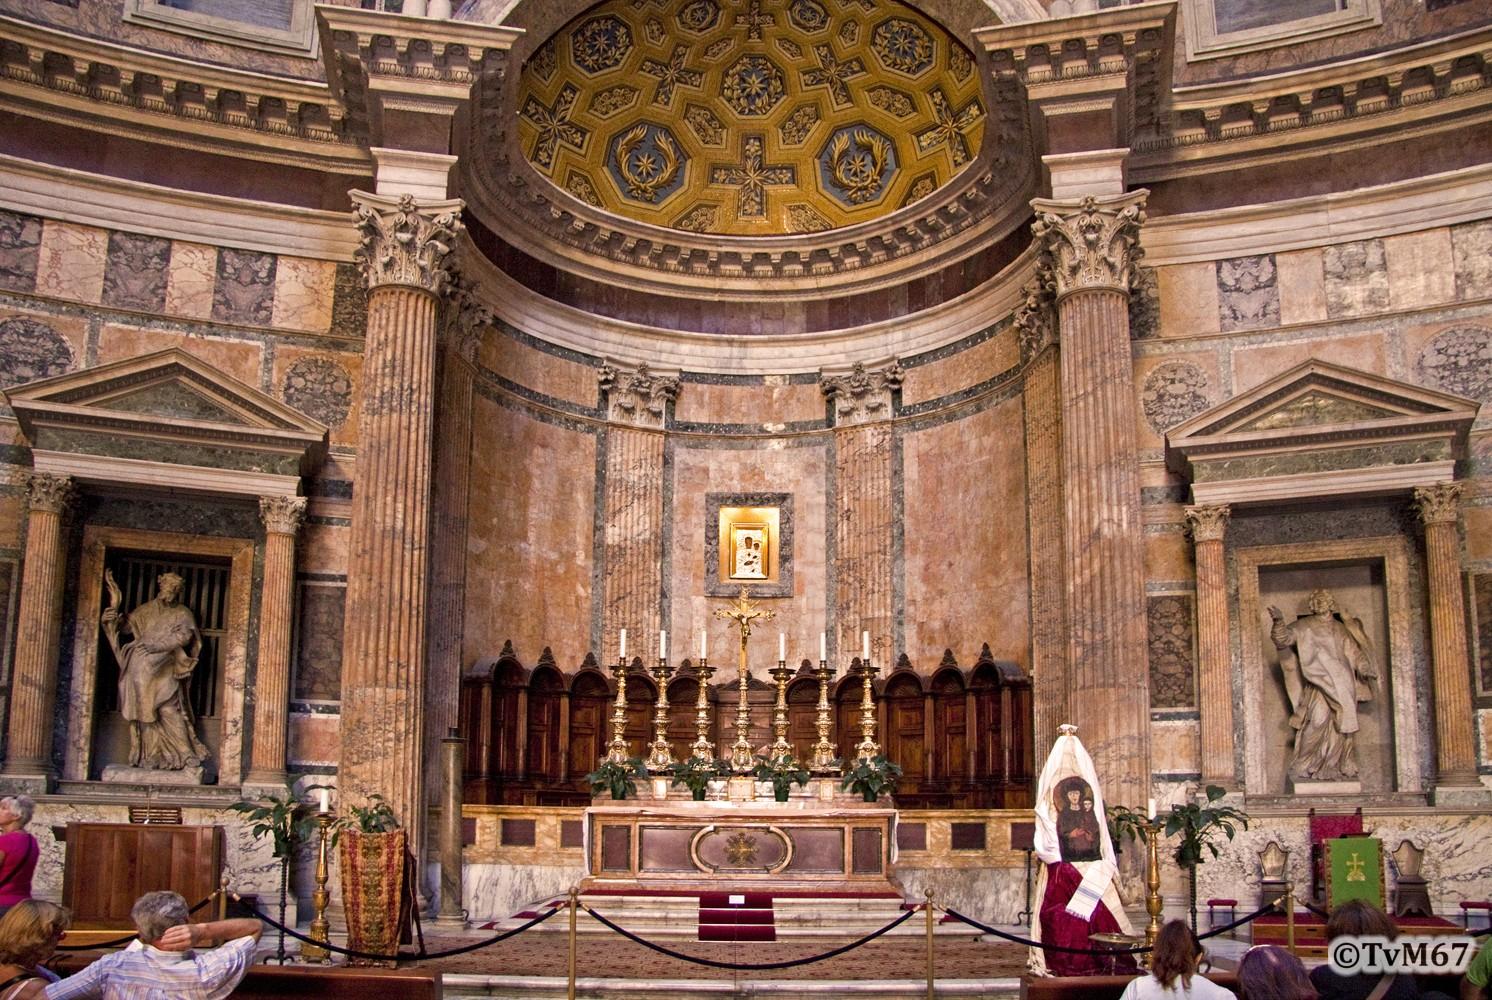 Roma, Pantheon, Altaar 1, 2009